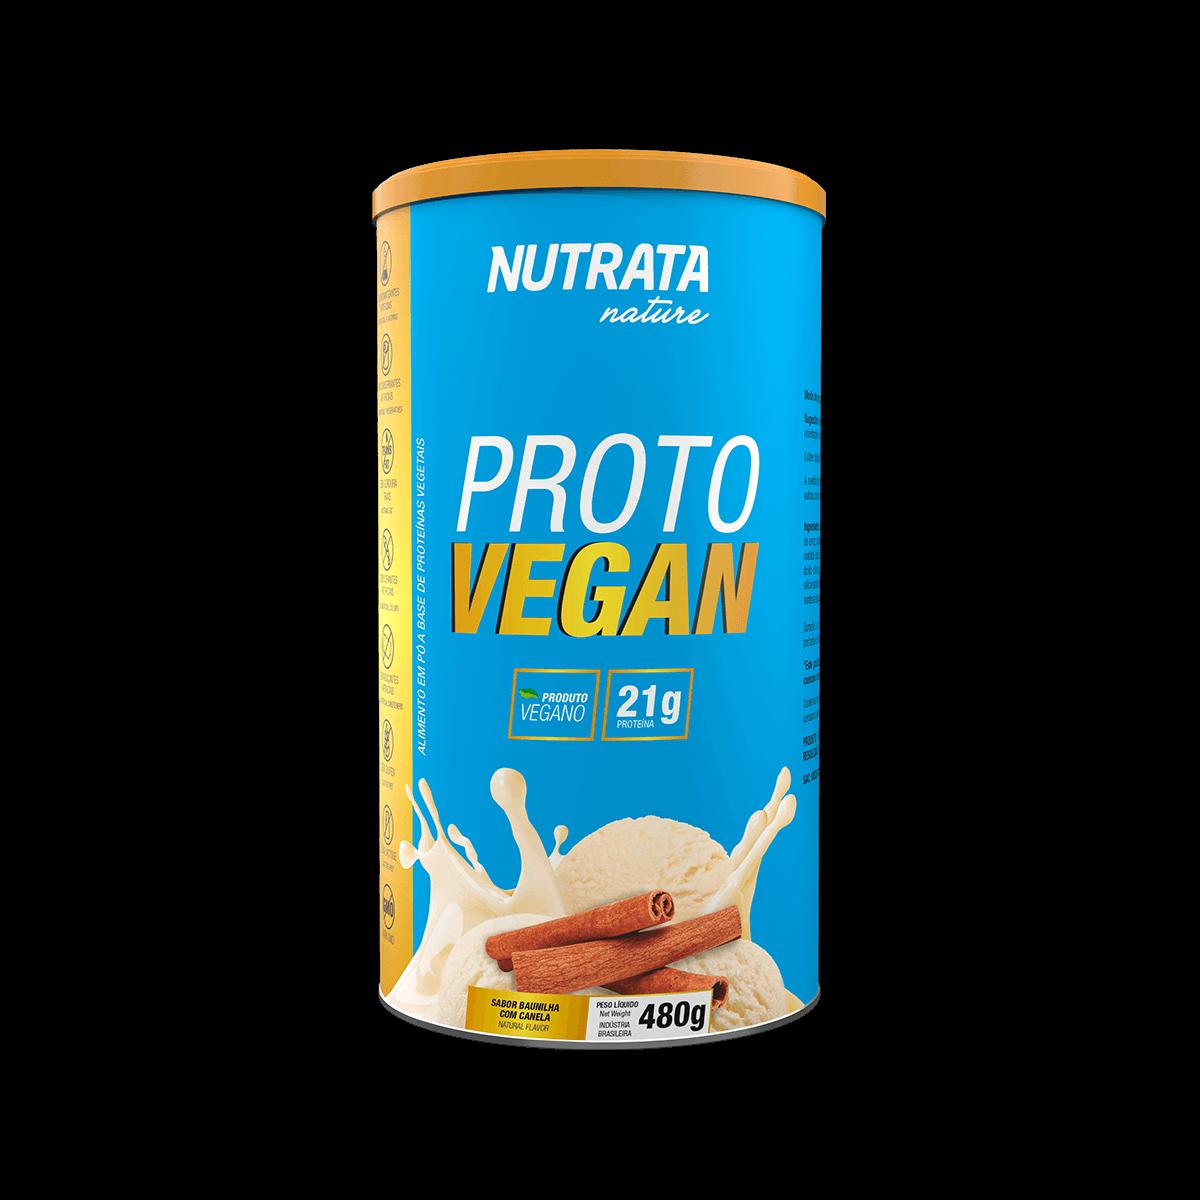 Proto Vegan 480g Nutrata  - Vitta Gold